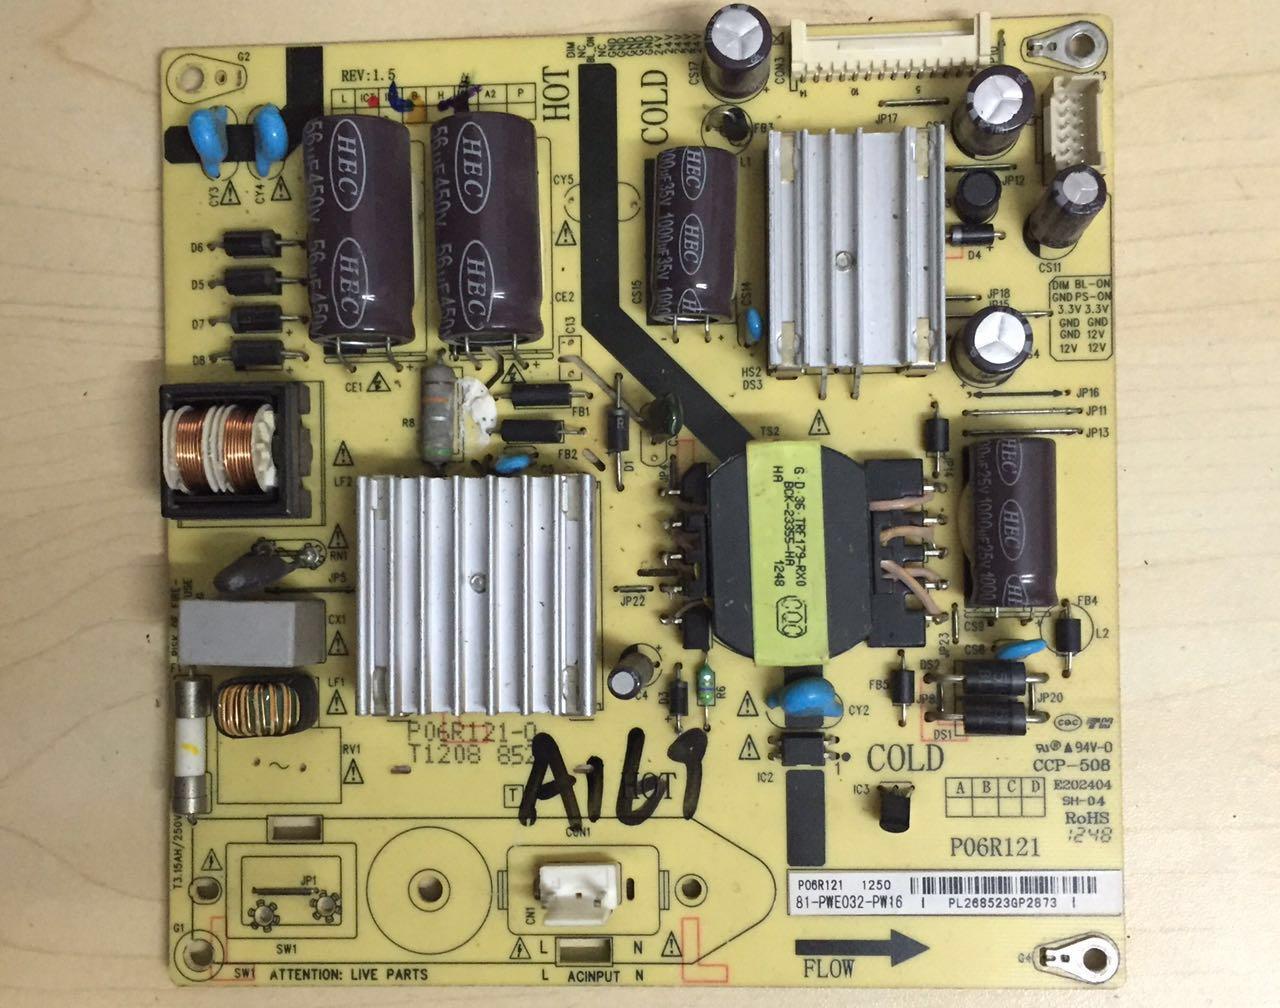 تى سى ال قياس جيدة الأصلي شاشات الكريستال السائل التلفزيون 32 بوصة لوحة الطاقة E202404 SH-04 لوحة الدوائر